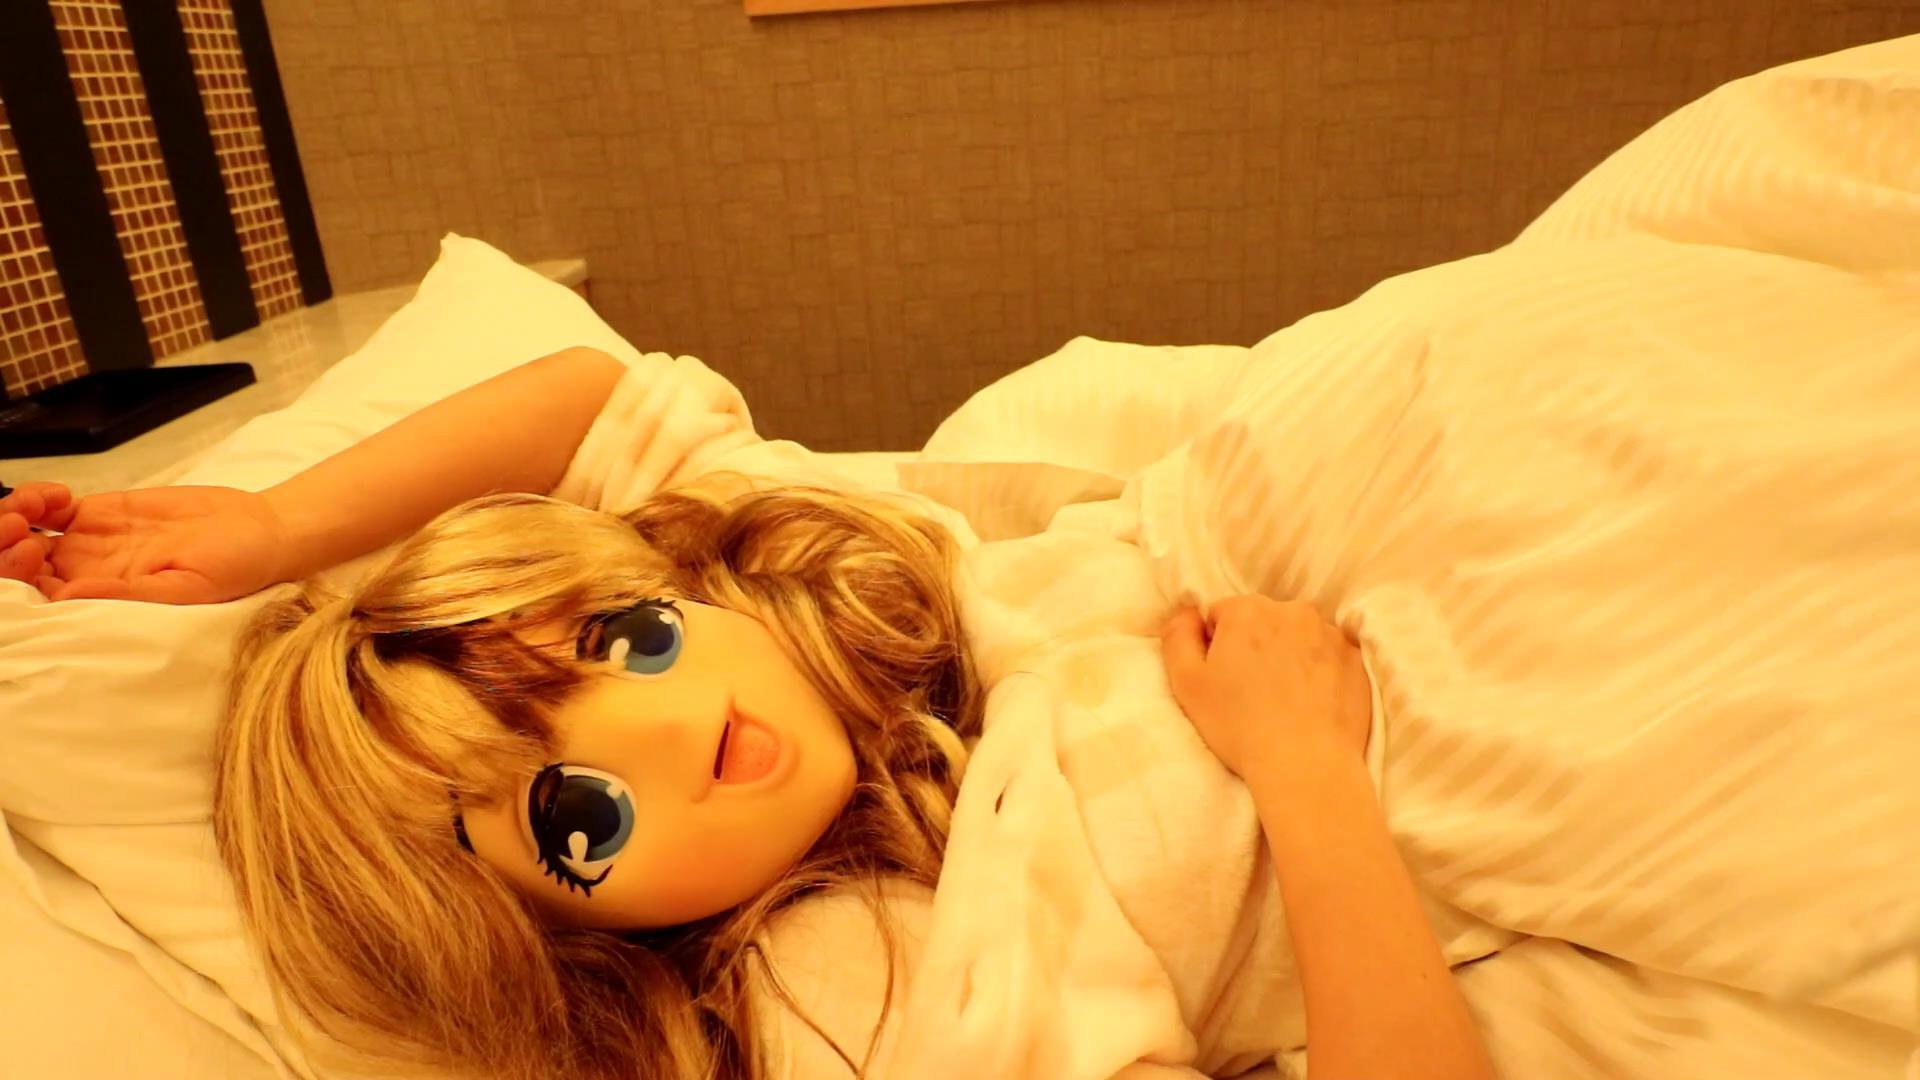 マスクガールNO3・お昼寝後、ソファーに拘束両手両足アナル膣内おっぱい電気デンマ責め(ASMR対応)【予約】